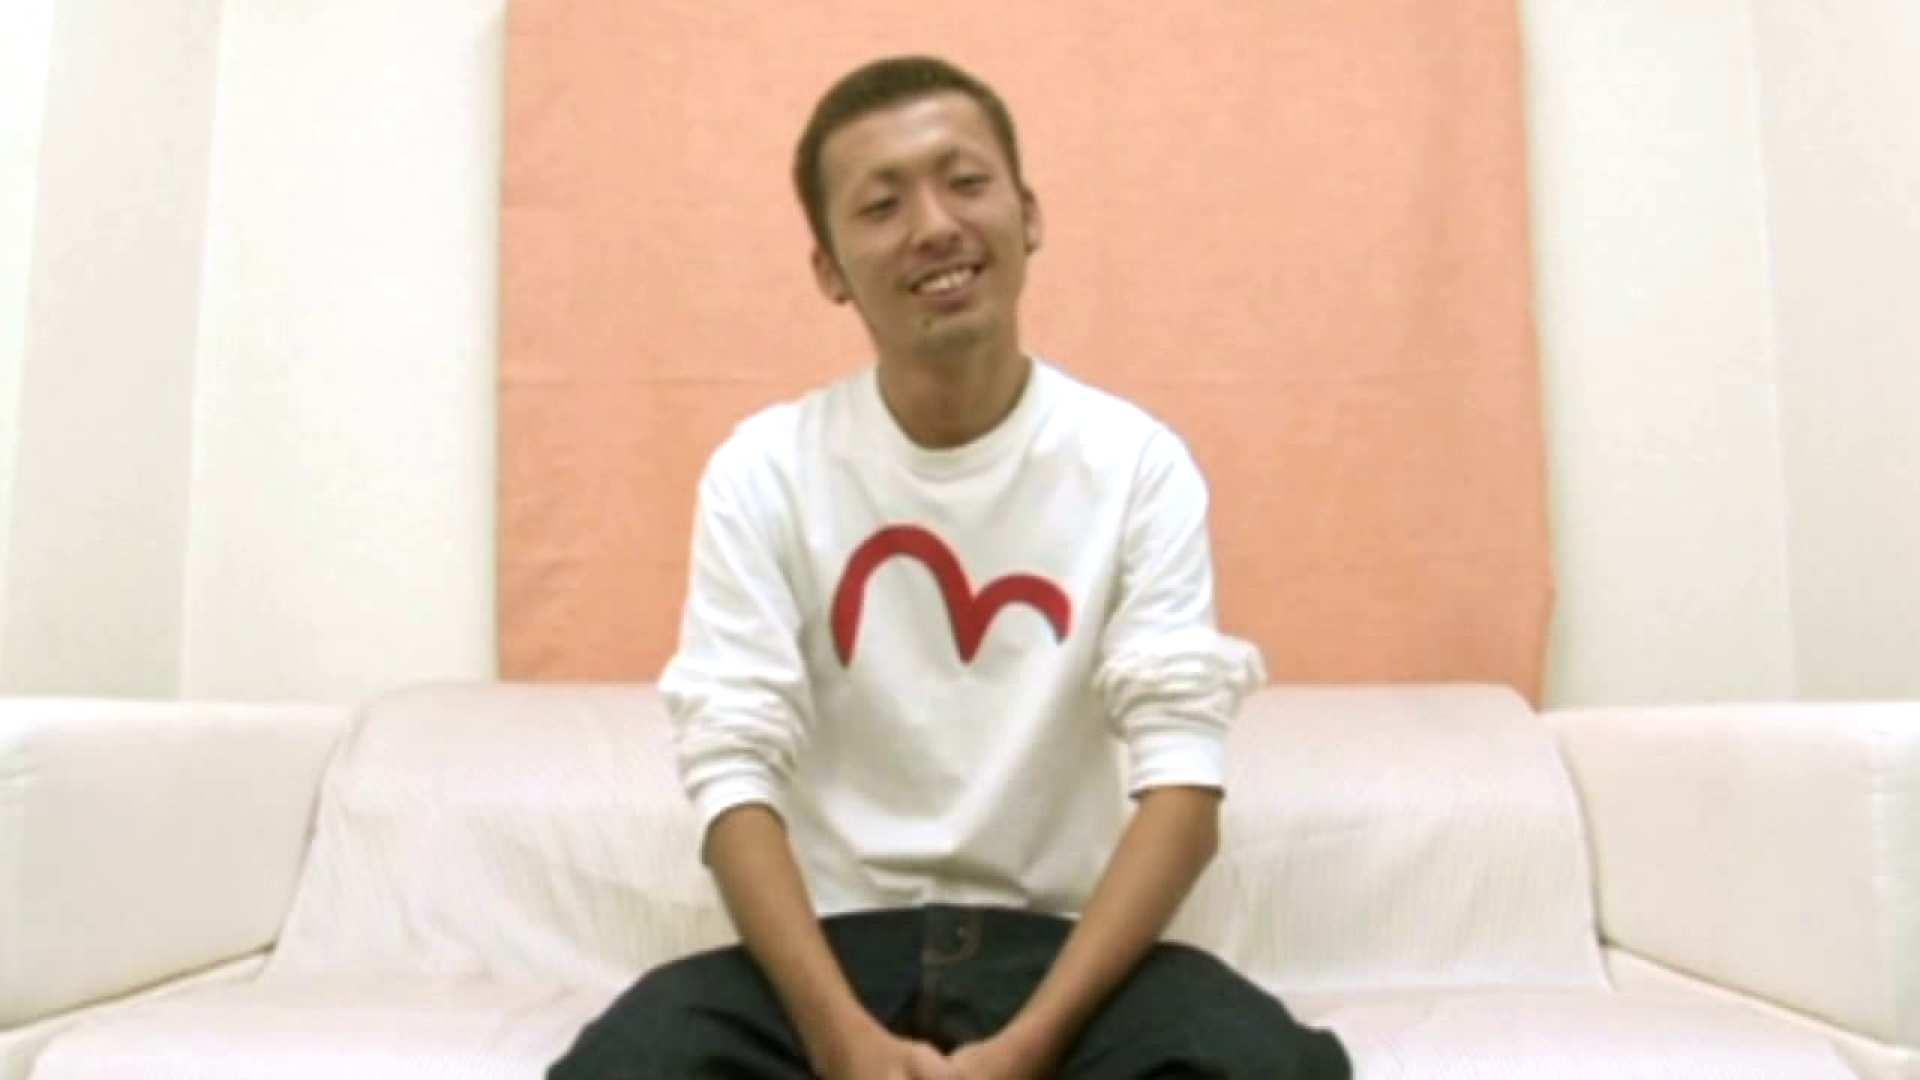 ノンケ!自慰スタジオ No.11 オナニー アダルトビデオ画像キャプチャ 88枚 6